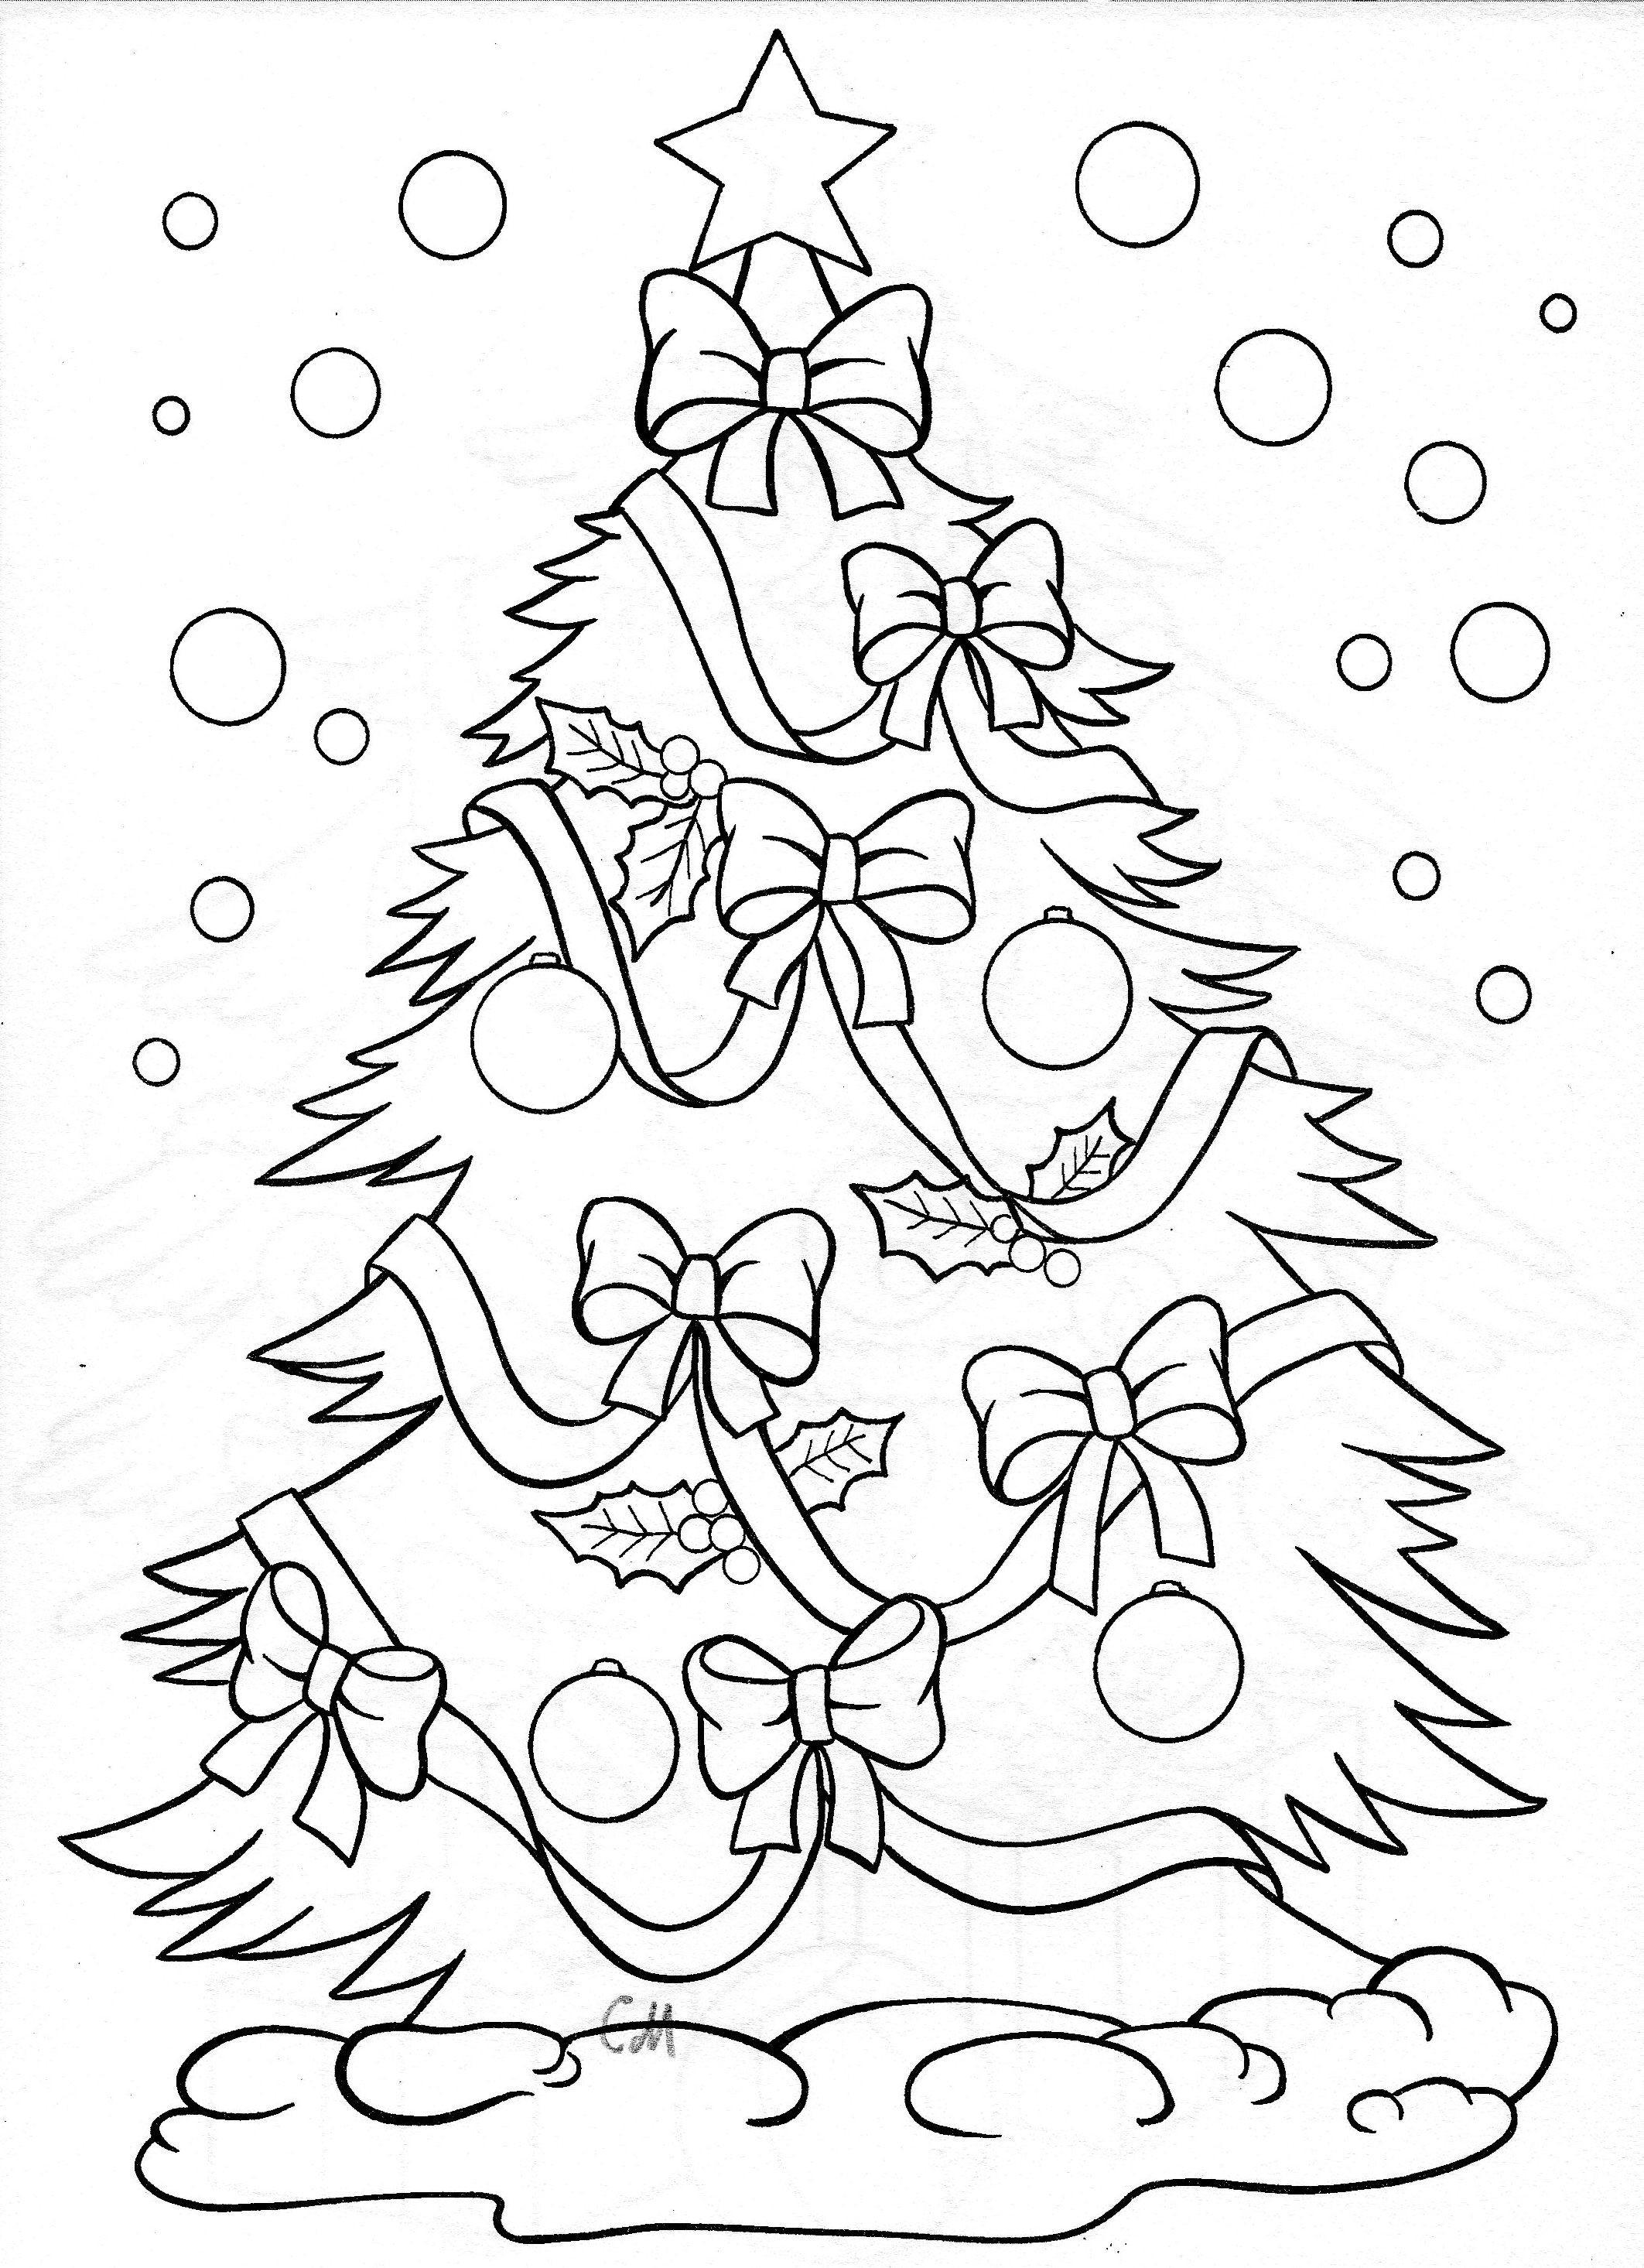 Window Color Vorlagen Weihnachten Rentier Neu Malvorlagen Vorlagen Pinterest Bilder